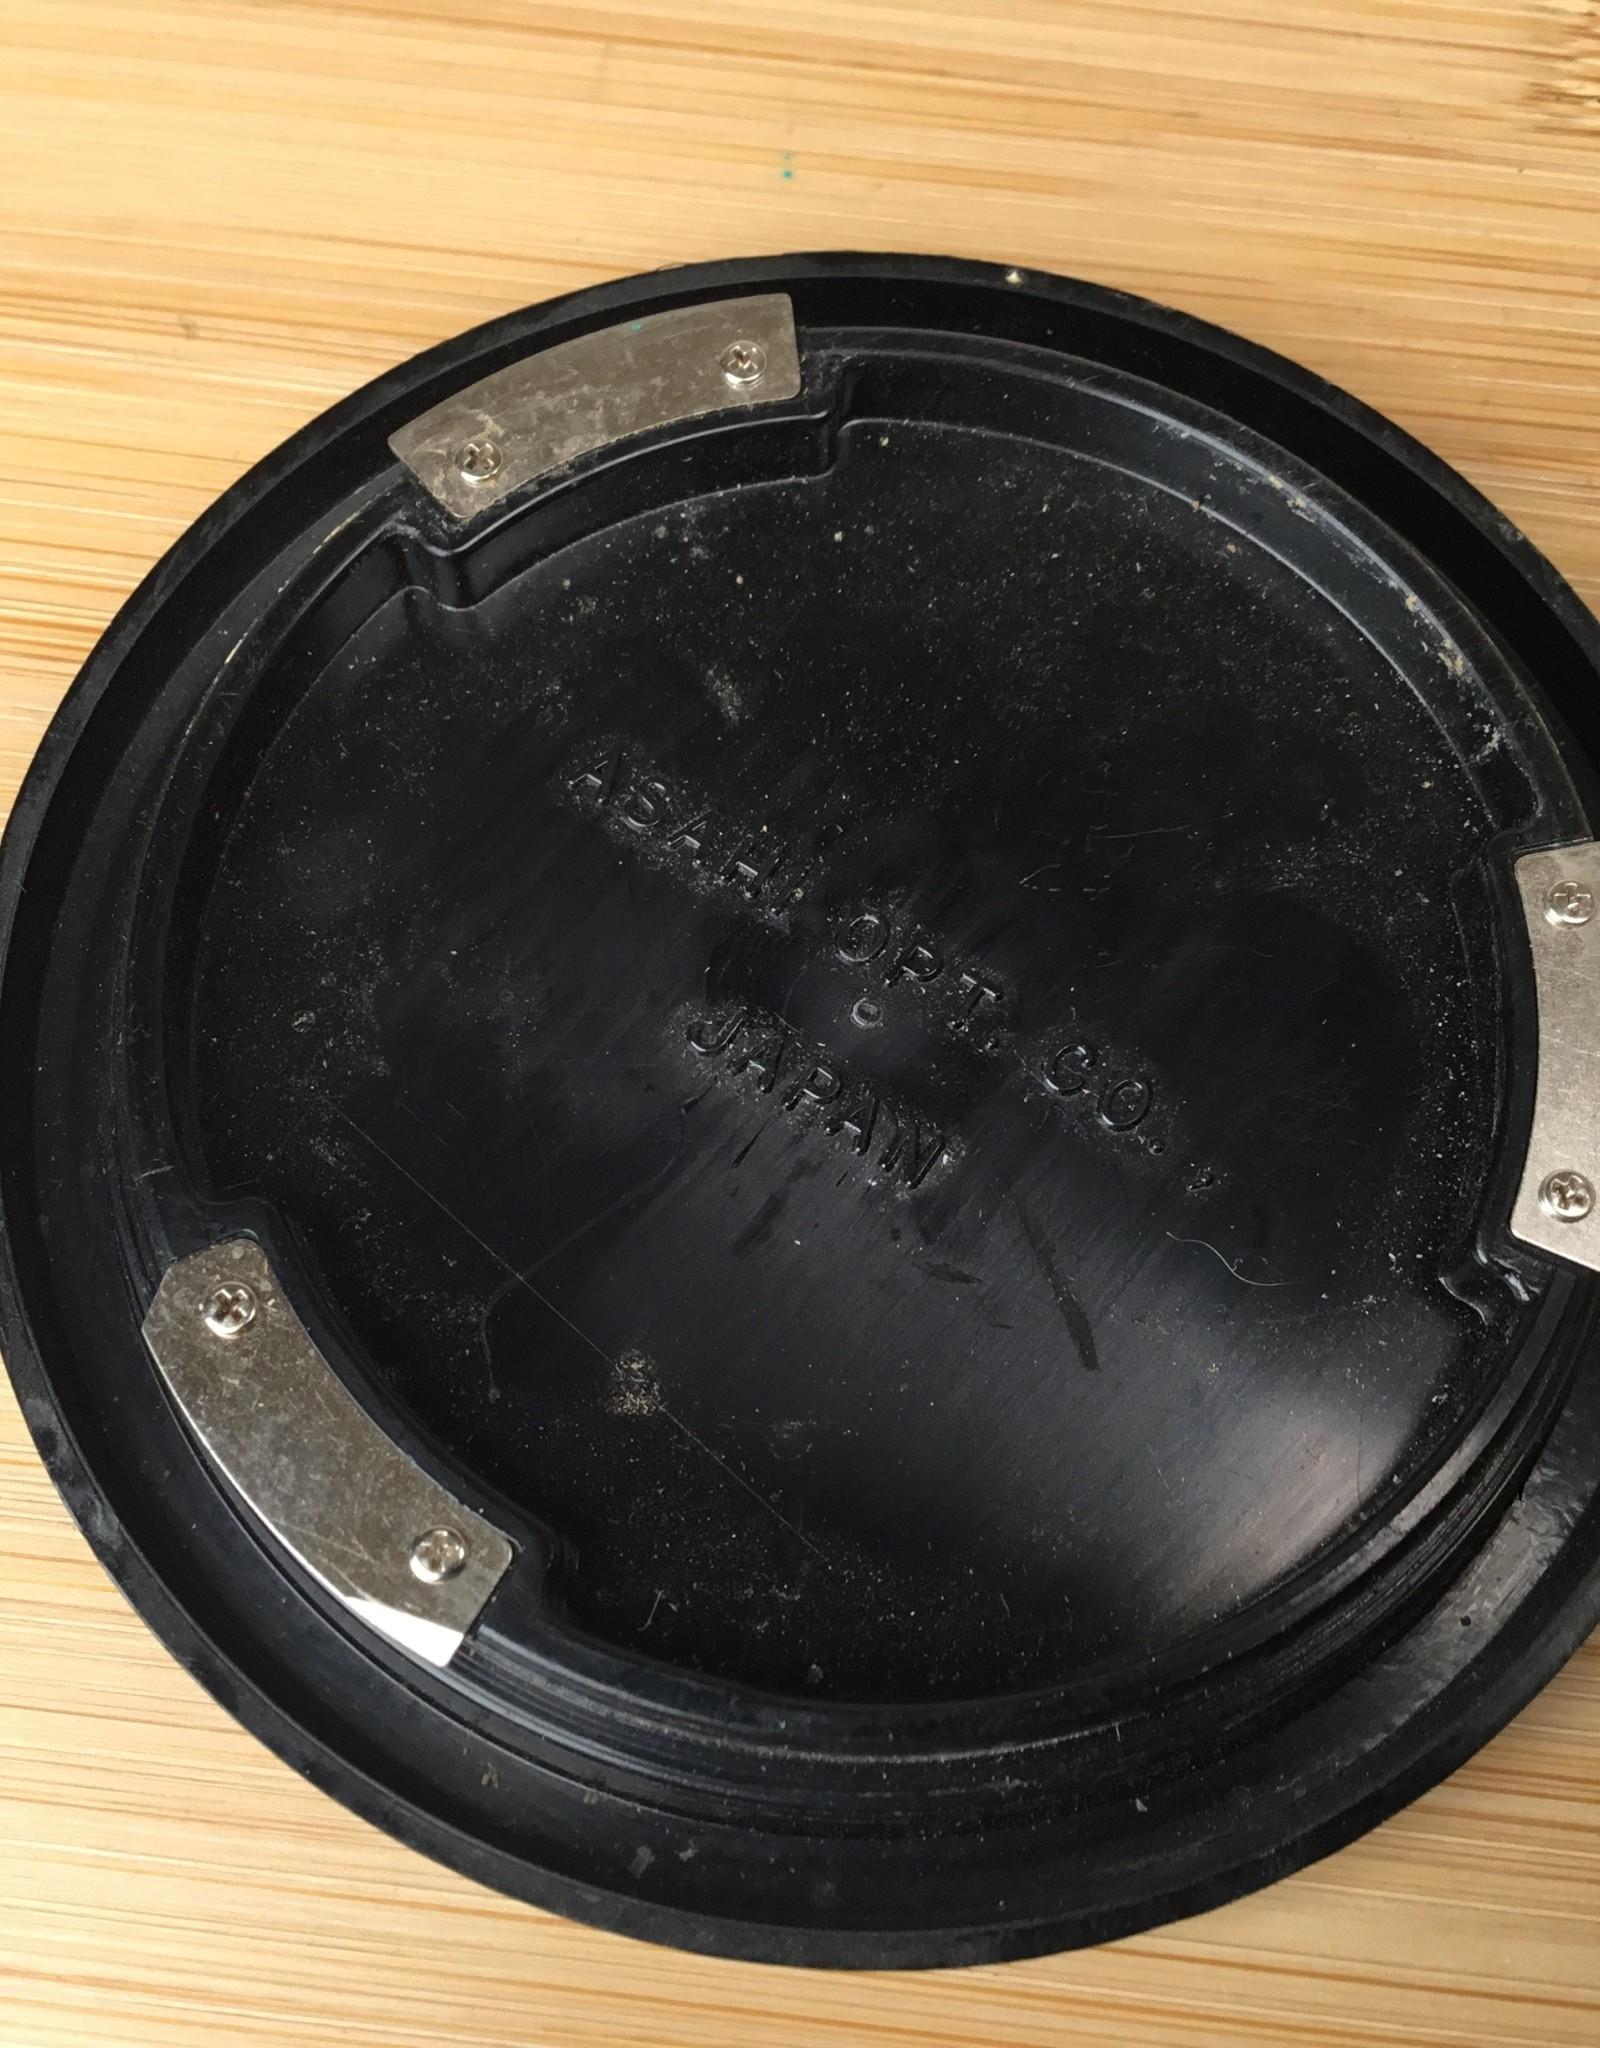 Pentax 67 Body Cap Used EX